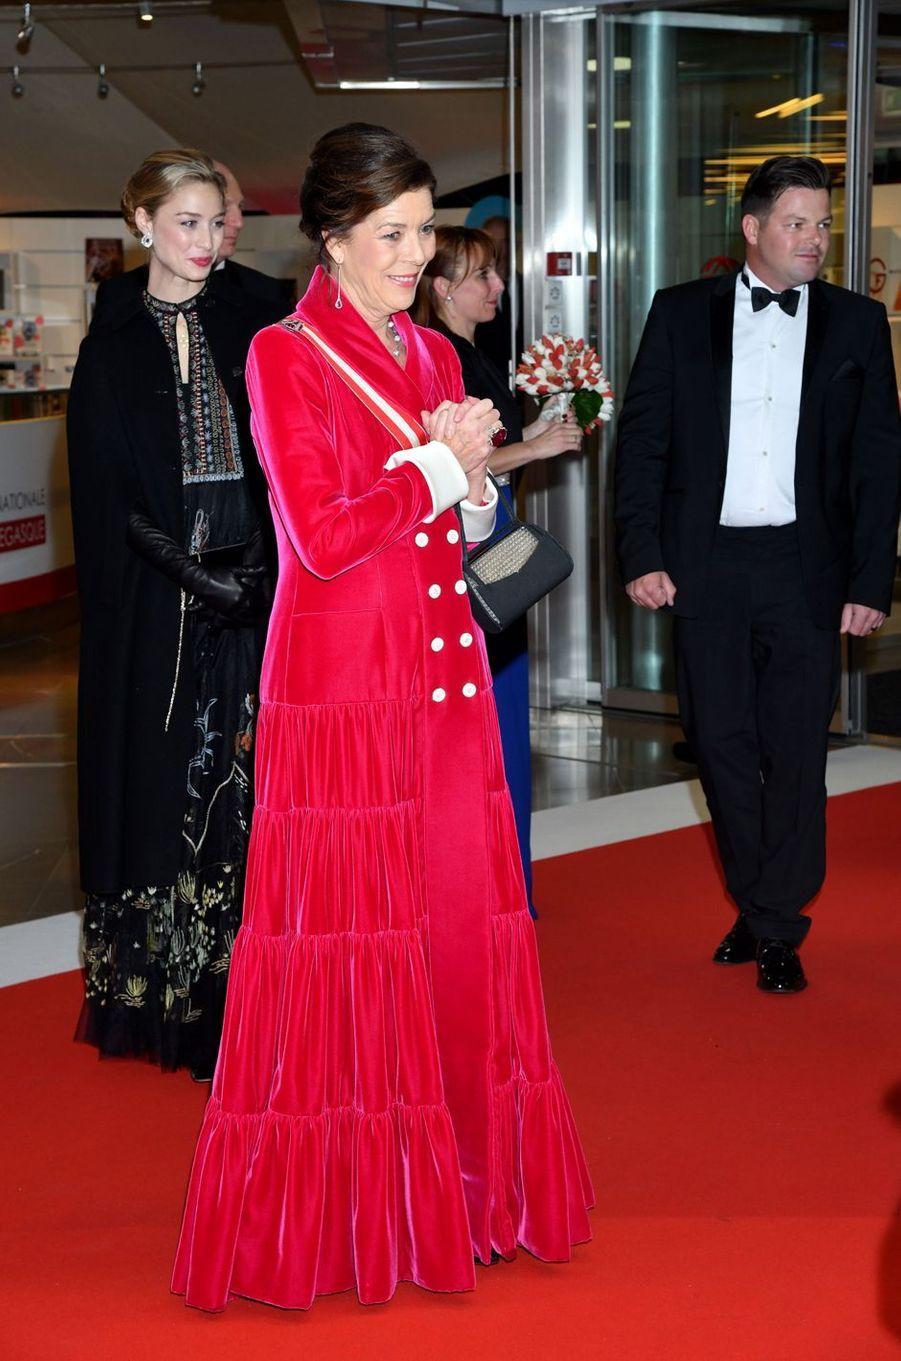 La princesse Caroline de Hanovre avec Beatrice Borromeo-Casiraghi à Monaco, le 19 novembre 2019